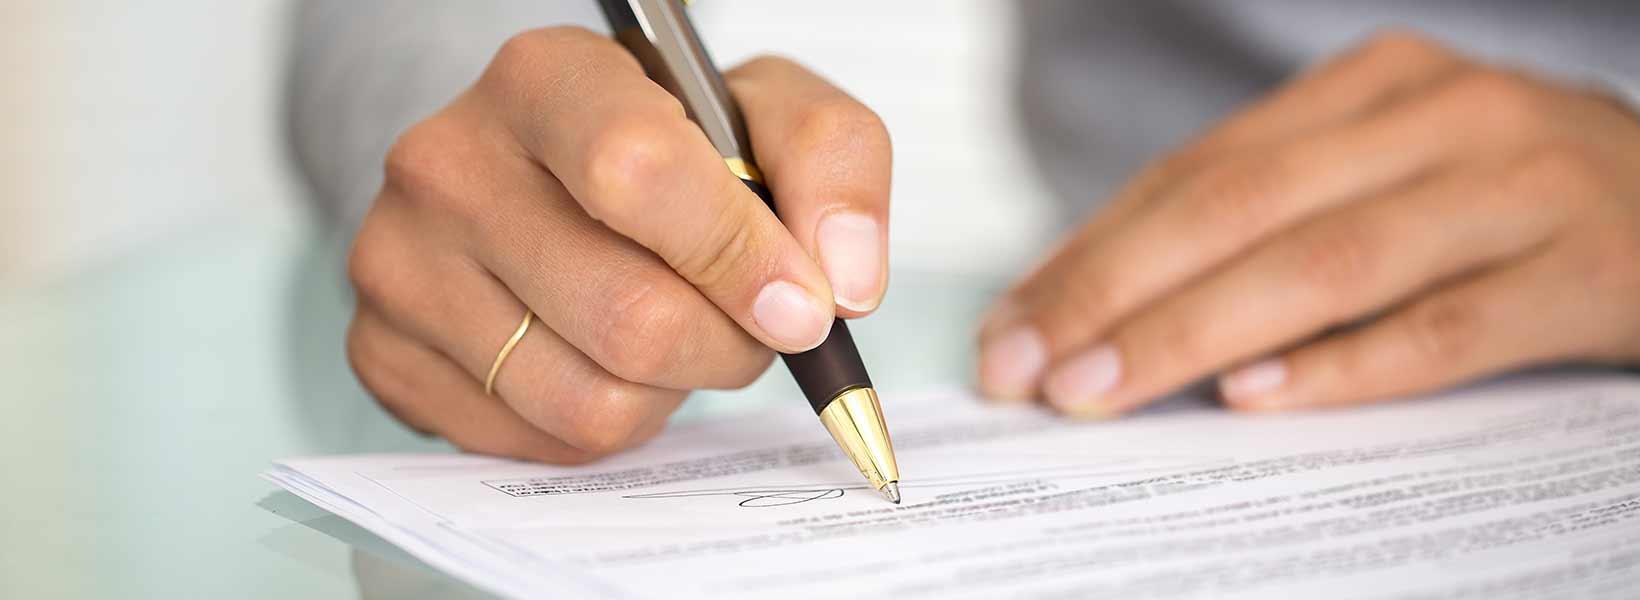 van getekend contract af komen